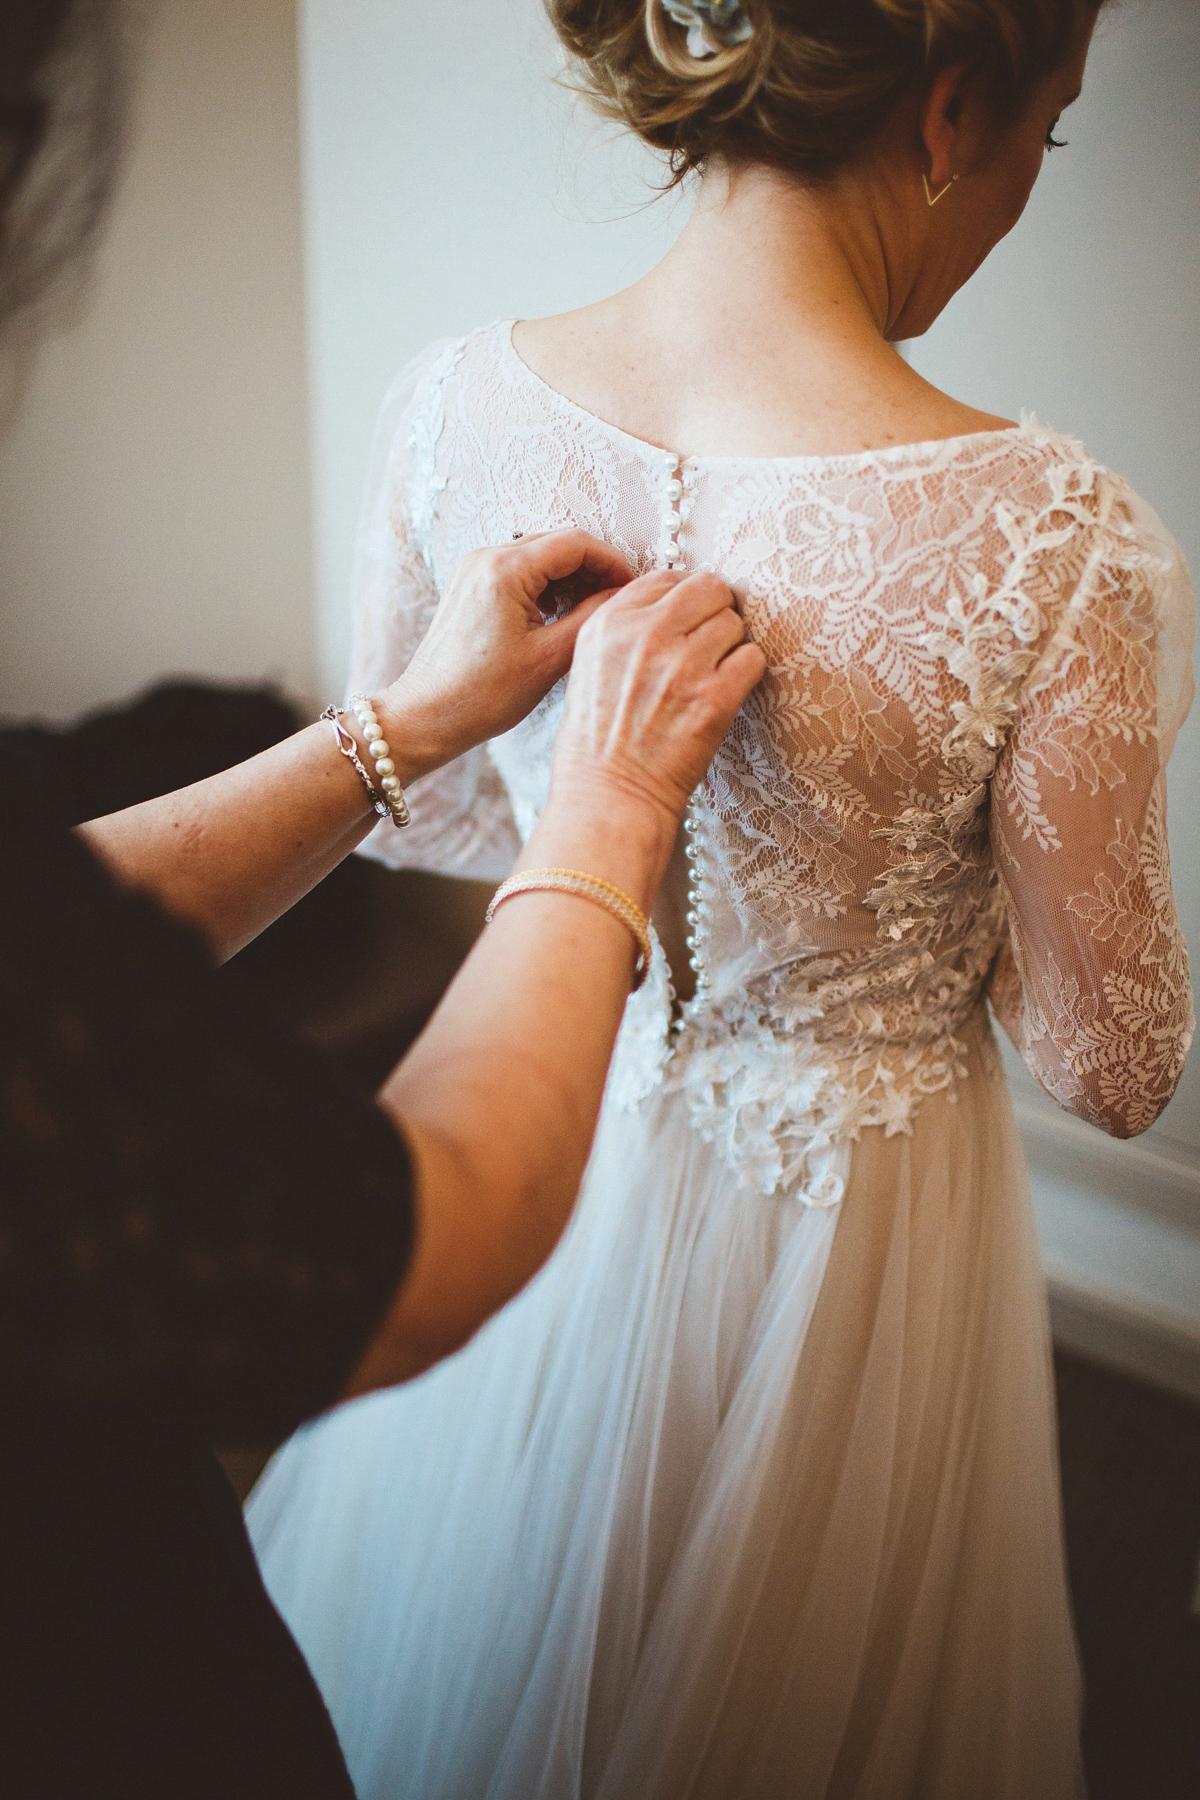 3441c9d643387 bhldn dress industrial inspired winter wedding - A BHLDN Dress and Velvet  Flower Crown For an